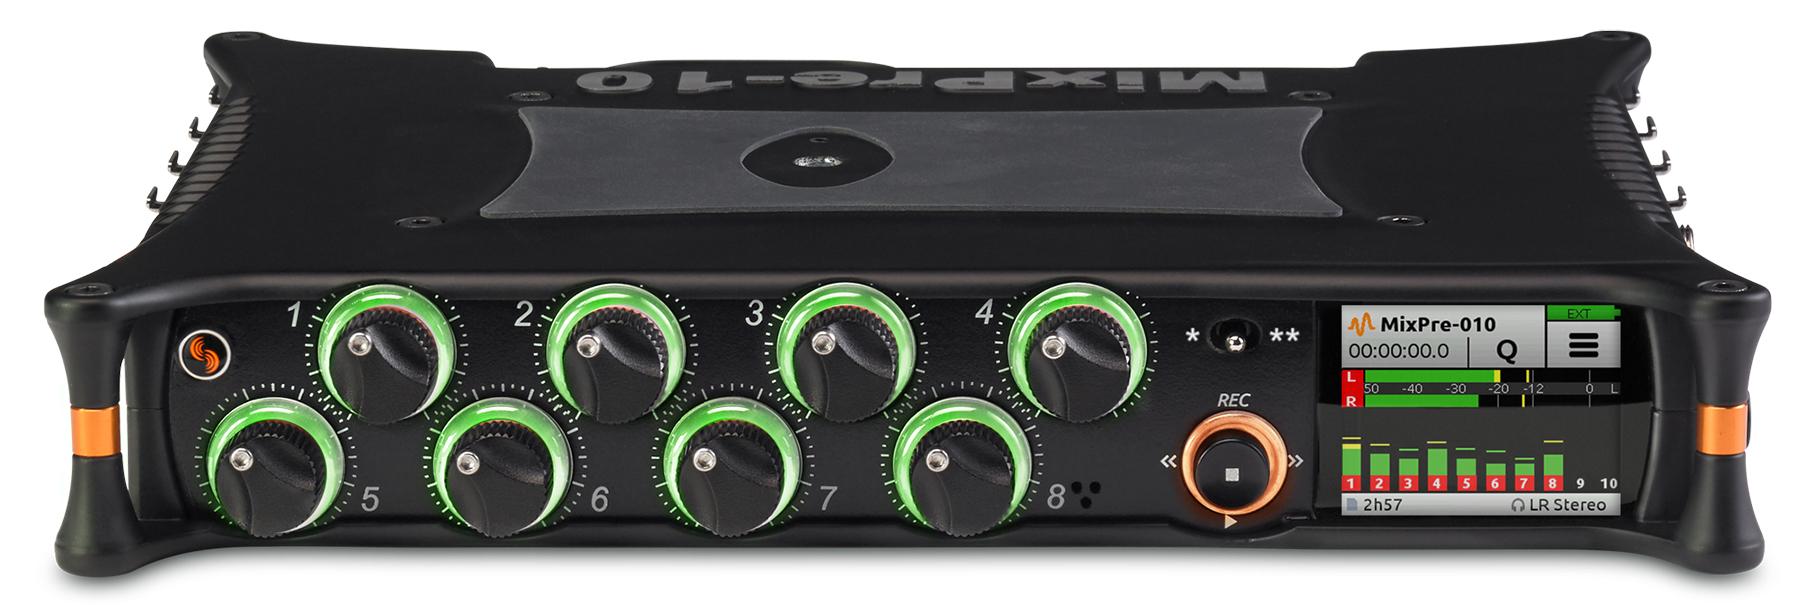 News: Firmware-Version 3.00 für die MixPre Serie von Sound Devices verfügbar